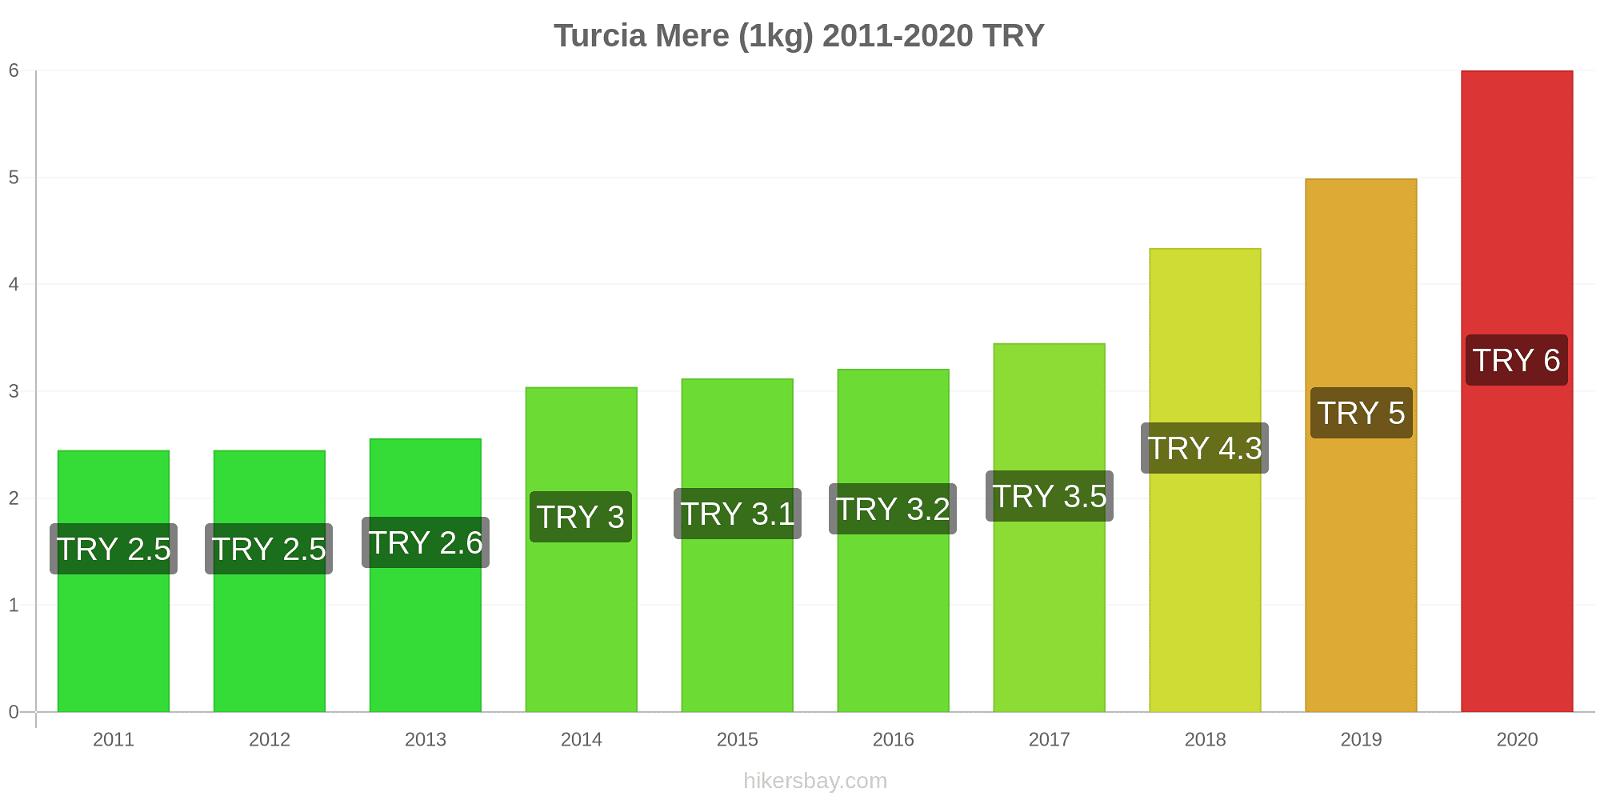 Turcia modificări de preț Mere (1kg) hikersbay.com